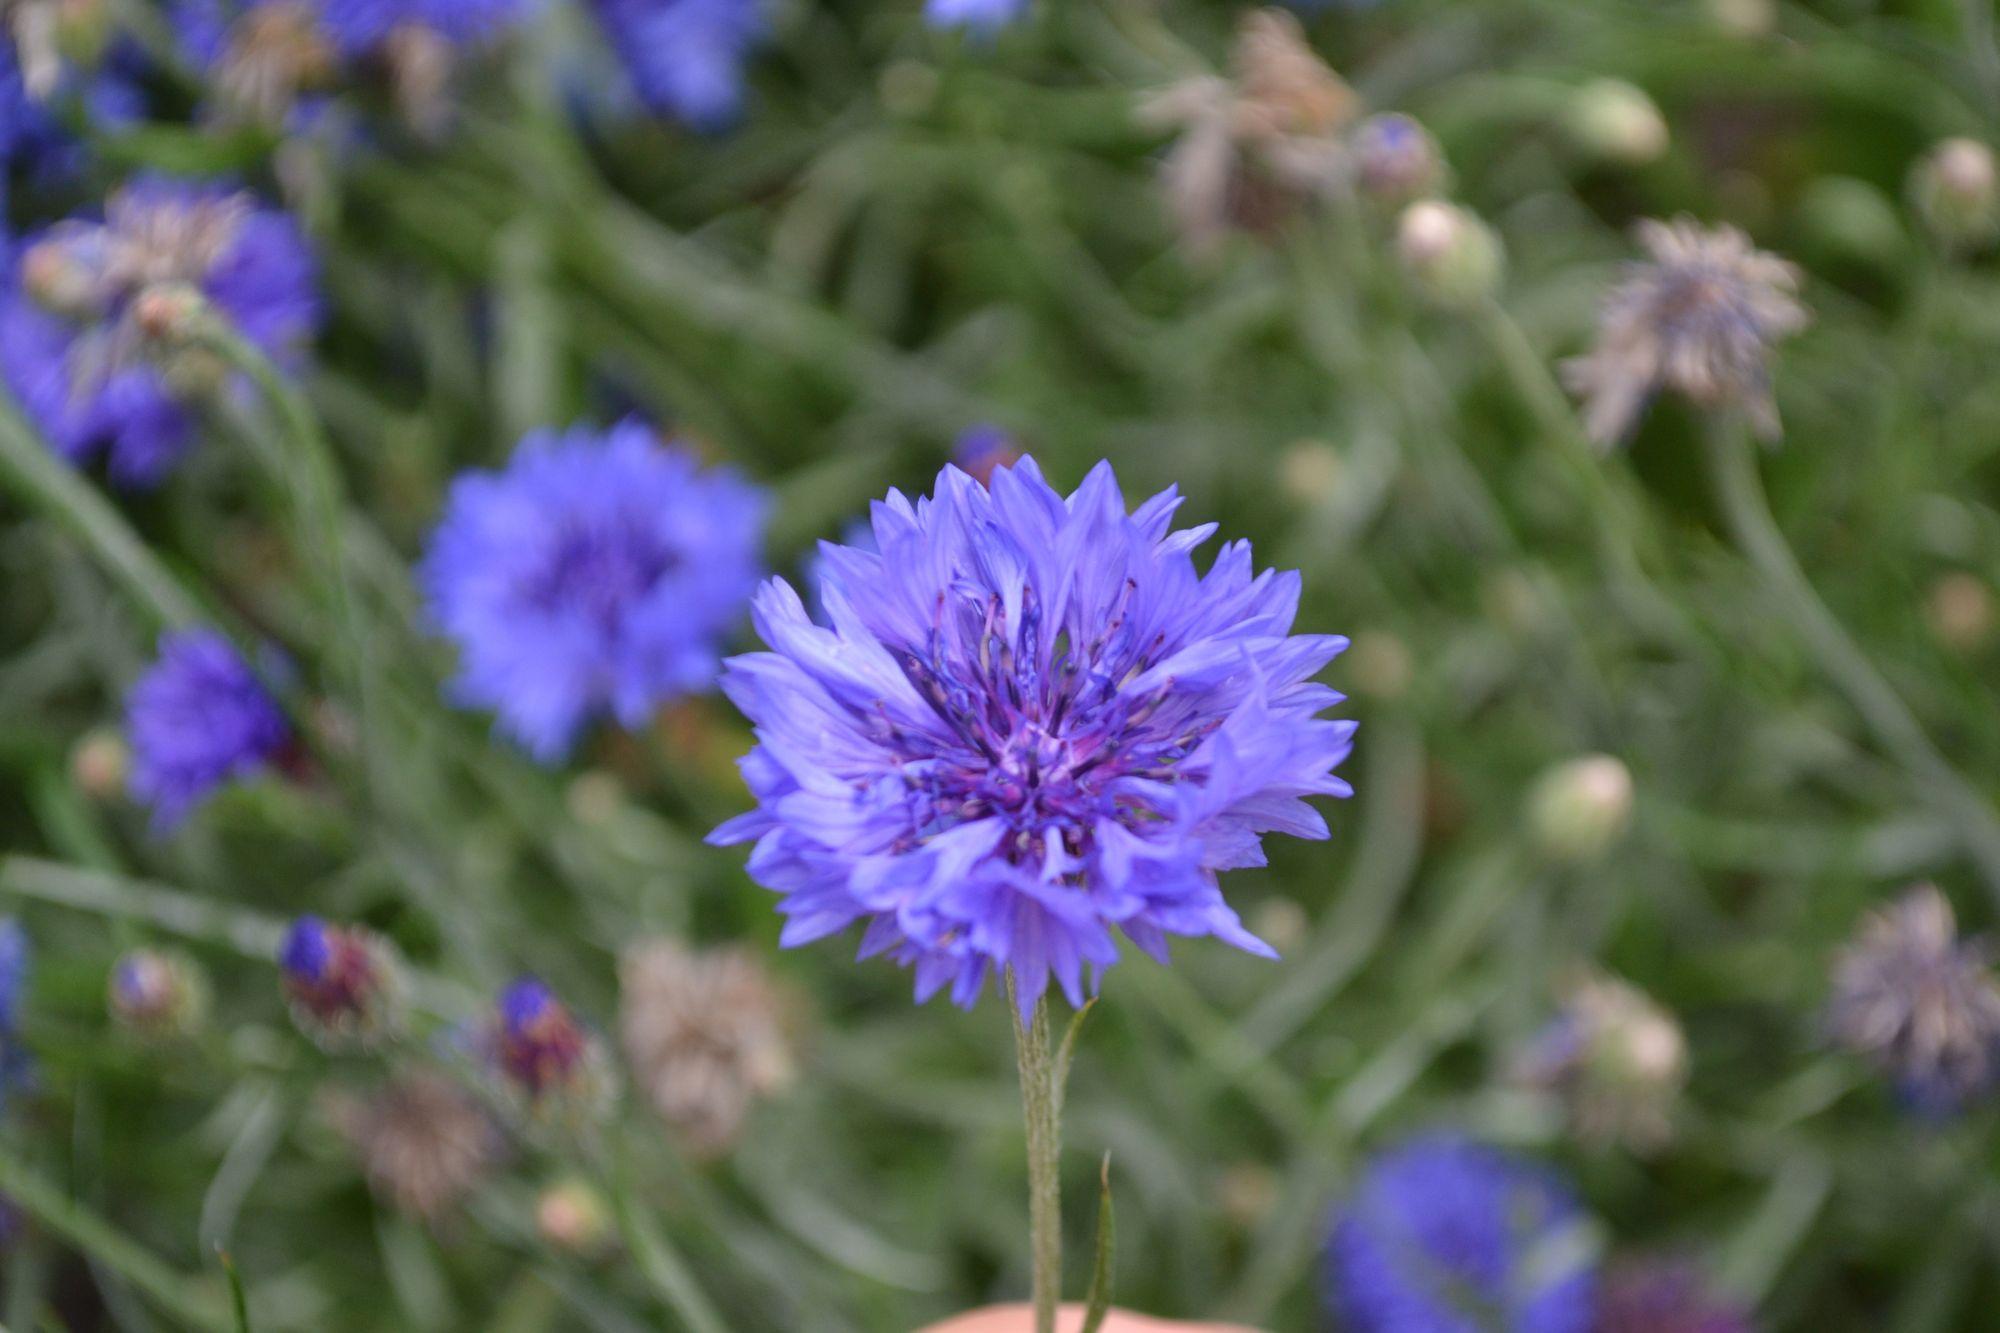 Rugiagėlė (Centaurea cyanus)